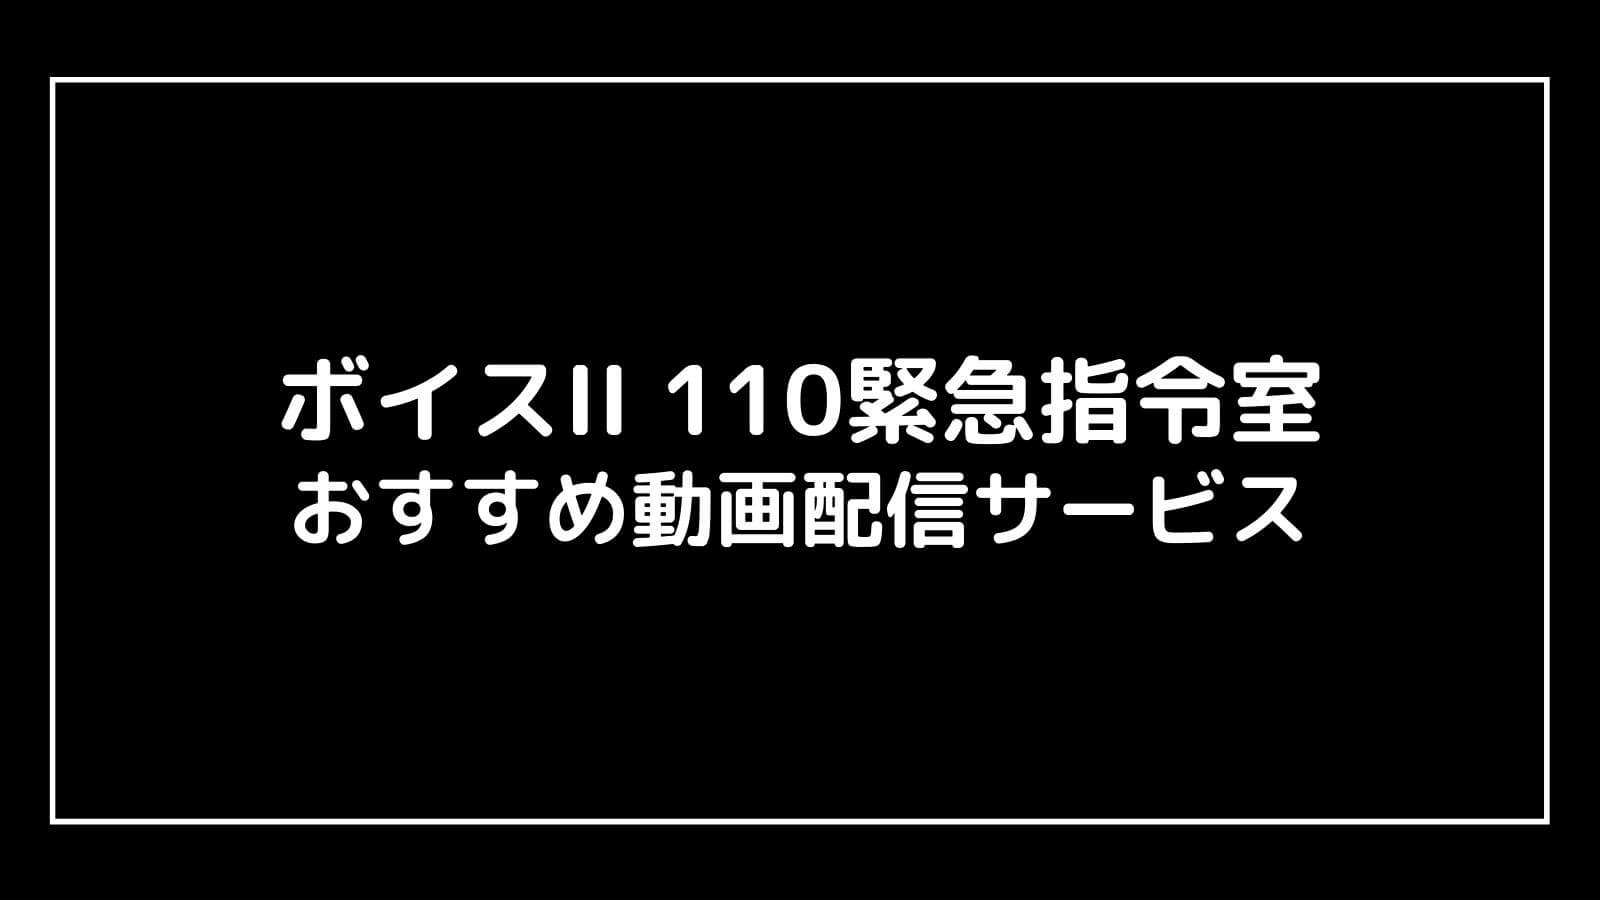 『ボイスII 110緊急指令室』の見逃し配信を無料視聴できるおすすめ動画配信サイト